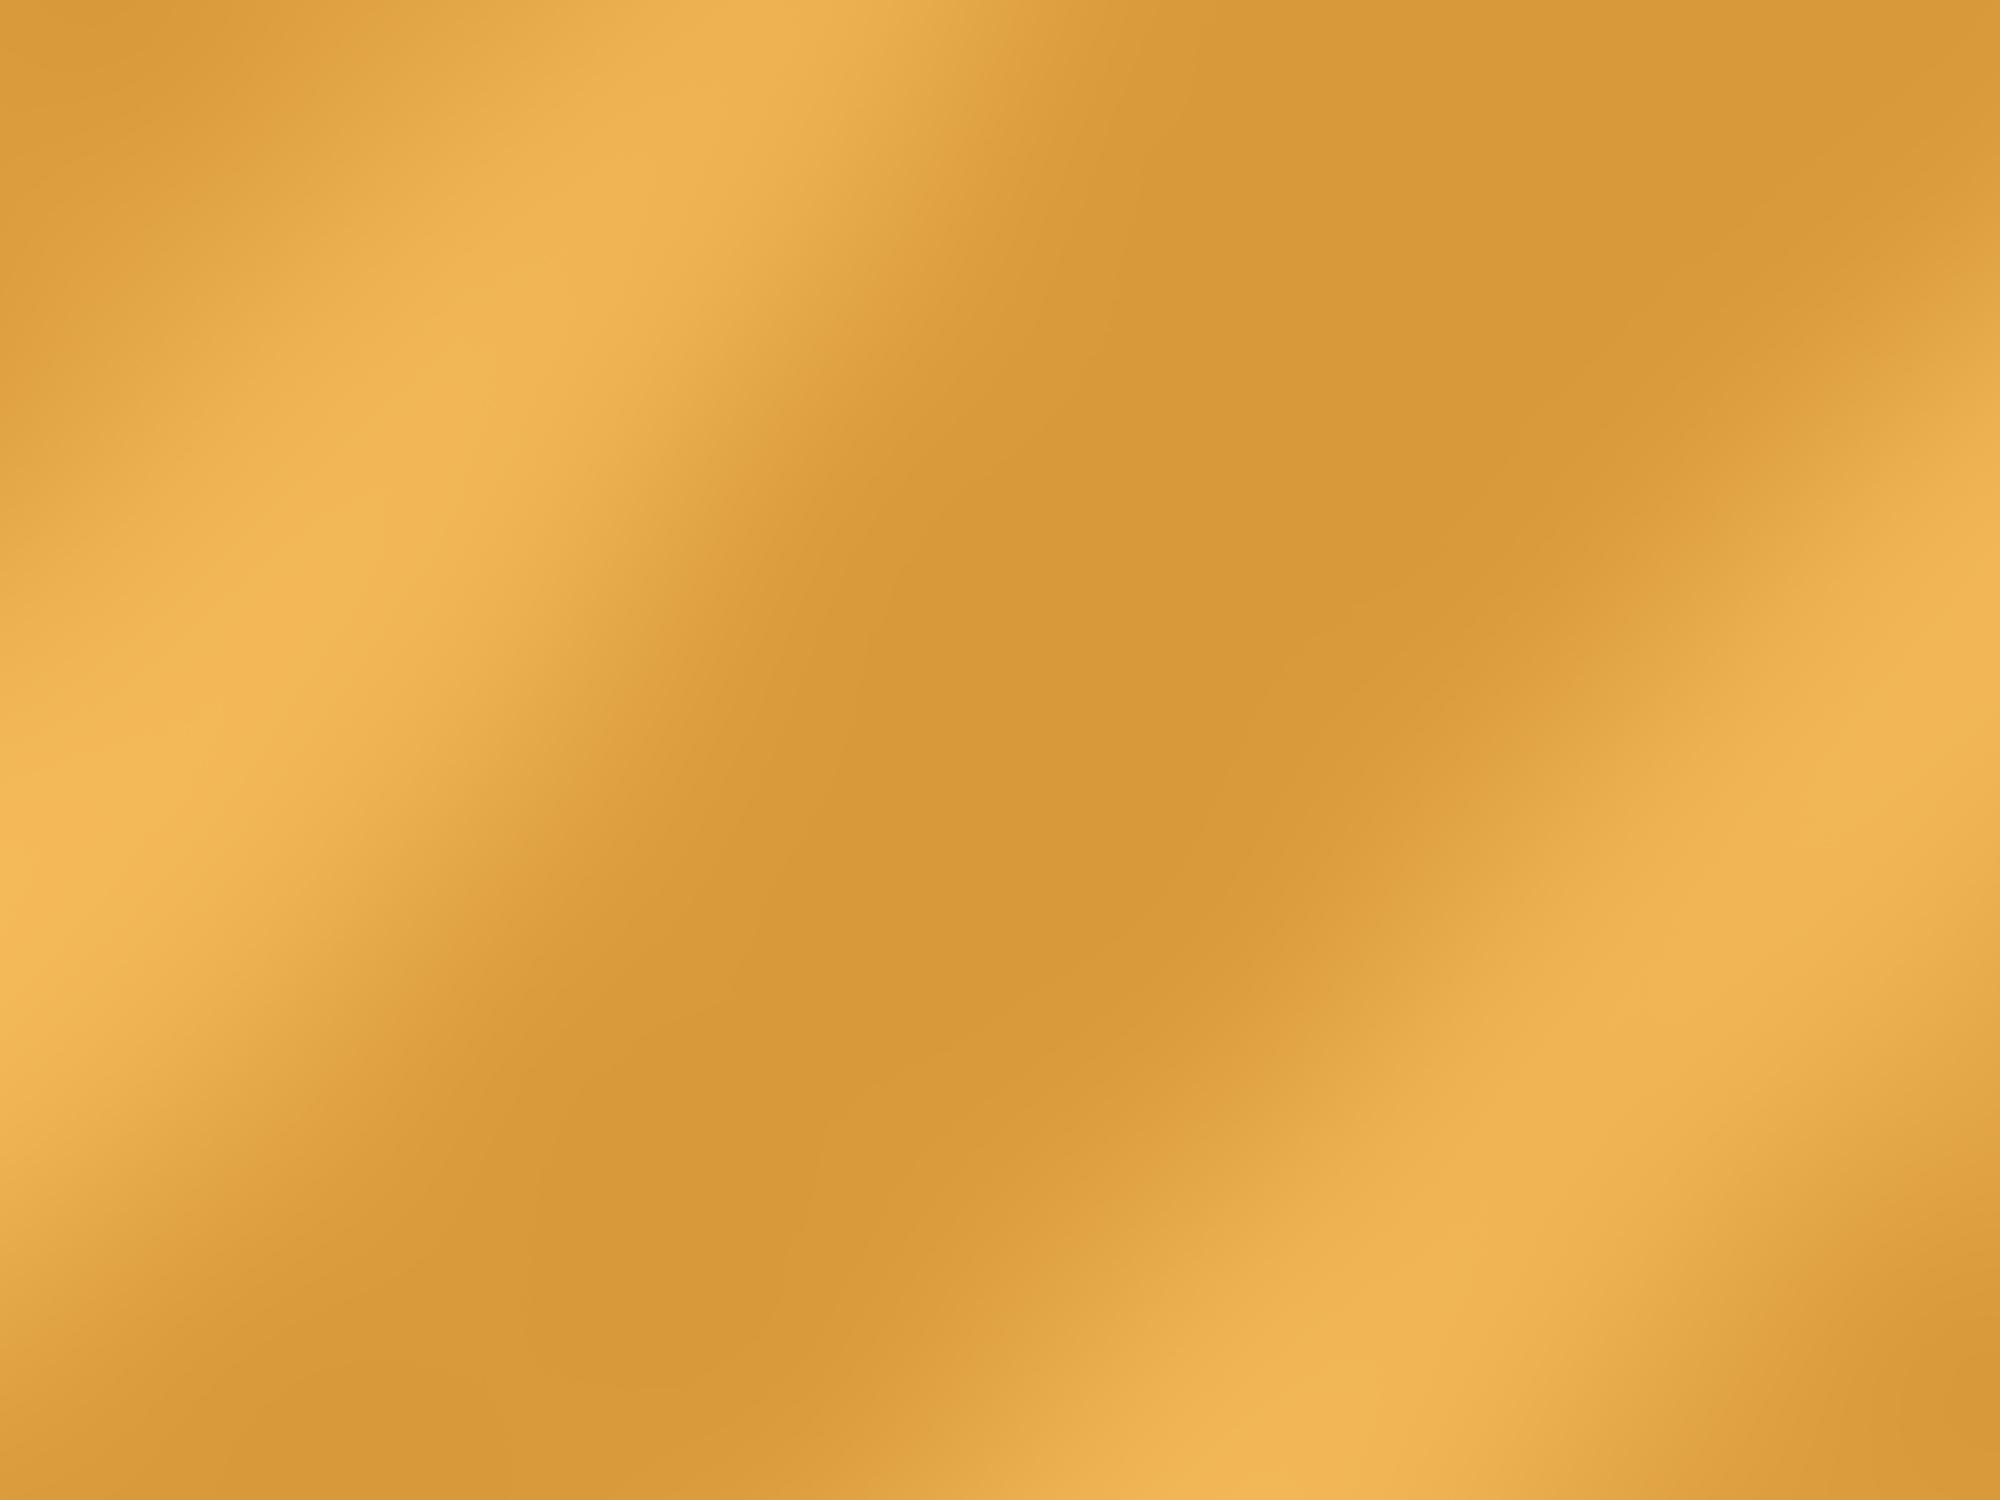 So ein Café hat Berlin gefehlt! Innovative Kreationen und kleine Köstlichkeiten aus eigener Herstellung: hochklassige Torten, geröstetes Brot mit feinen Aufstrichen, kunstvolle Petit fours, Gourmet-Waffeln und leckere Quiche. Wer nicht da war, war nicht in Berlin! - Jonathan Roberz